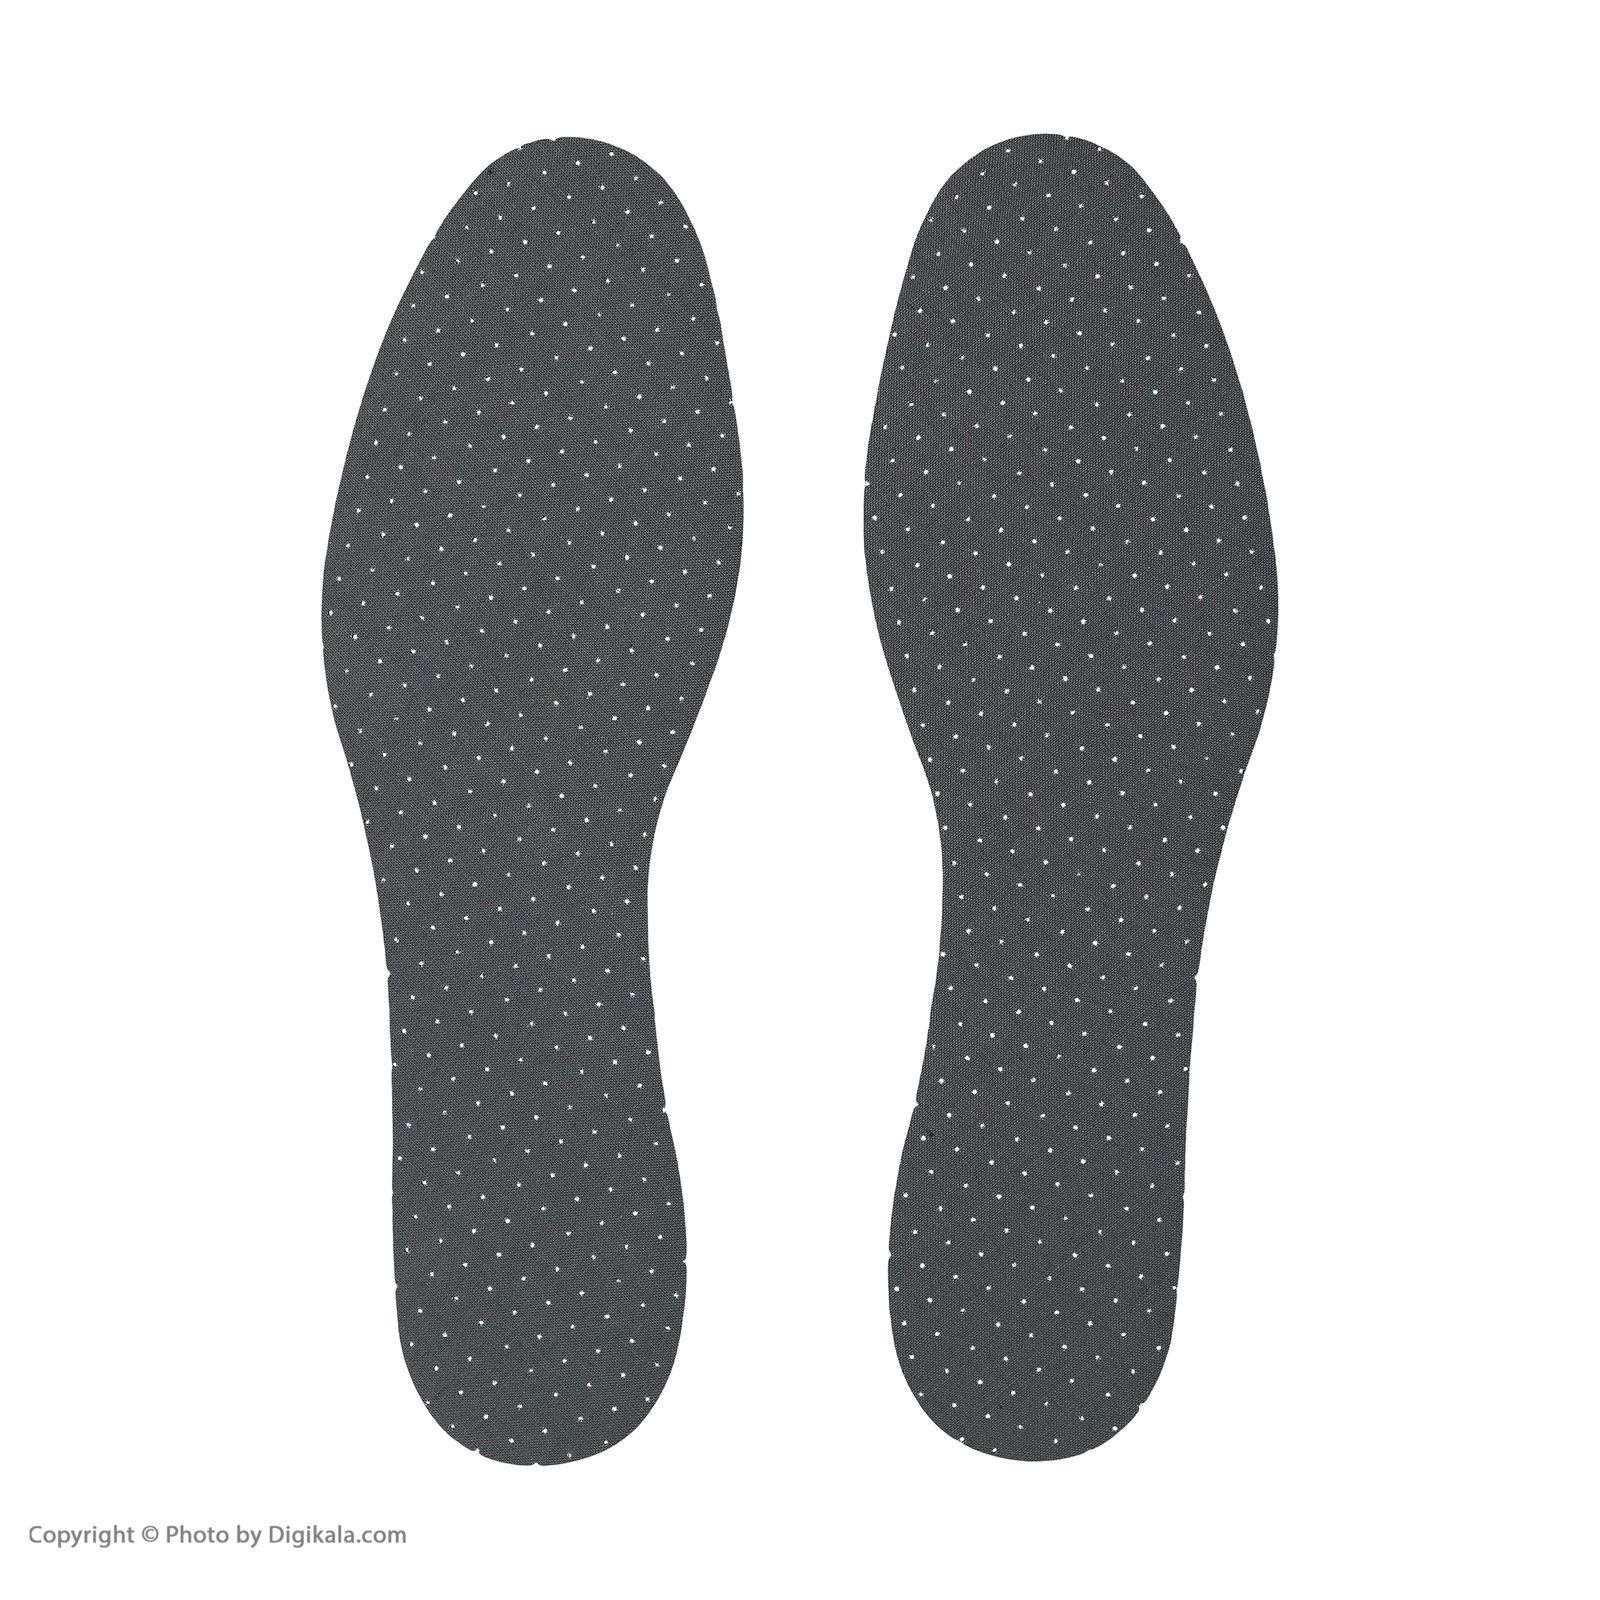 کفي کفش کوایمبرا مدل 1404038 سایز 38 -  - 4